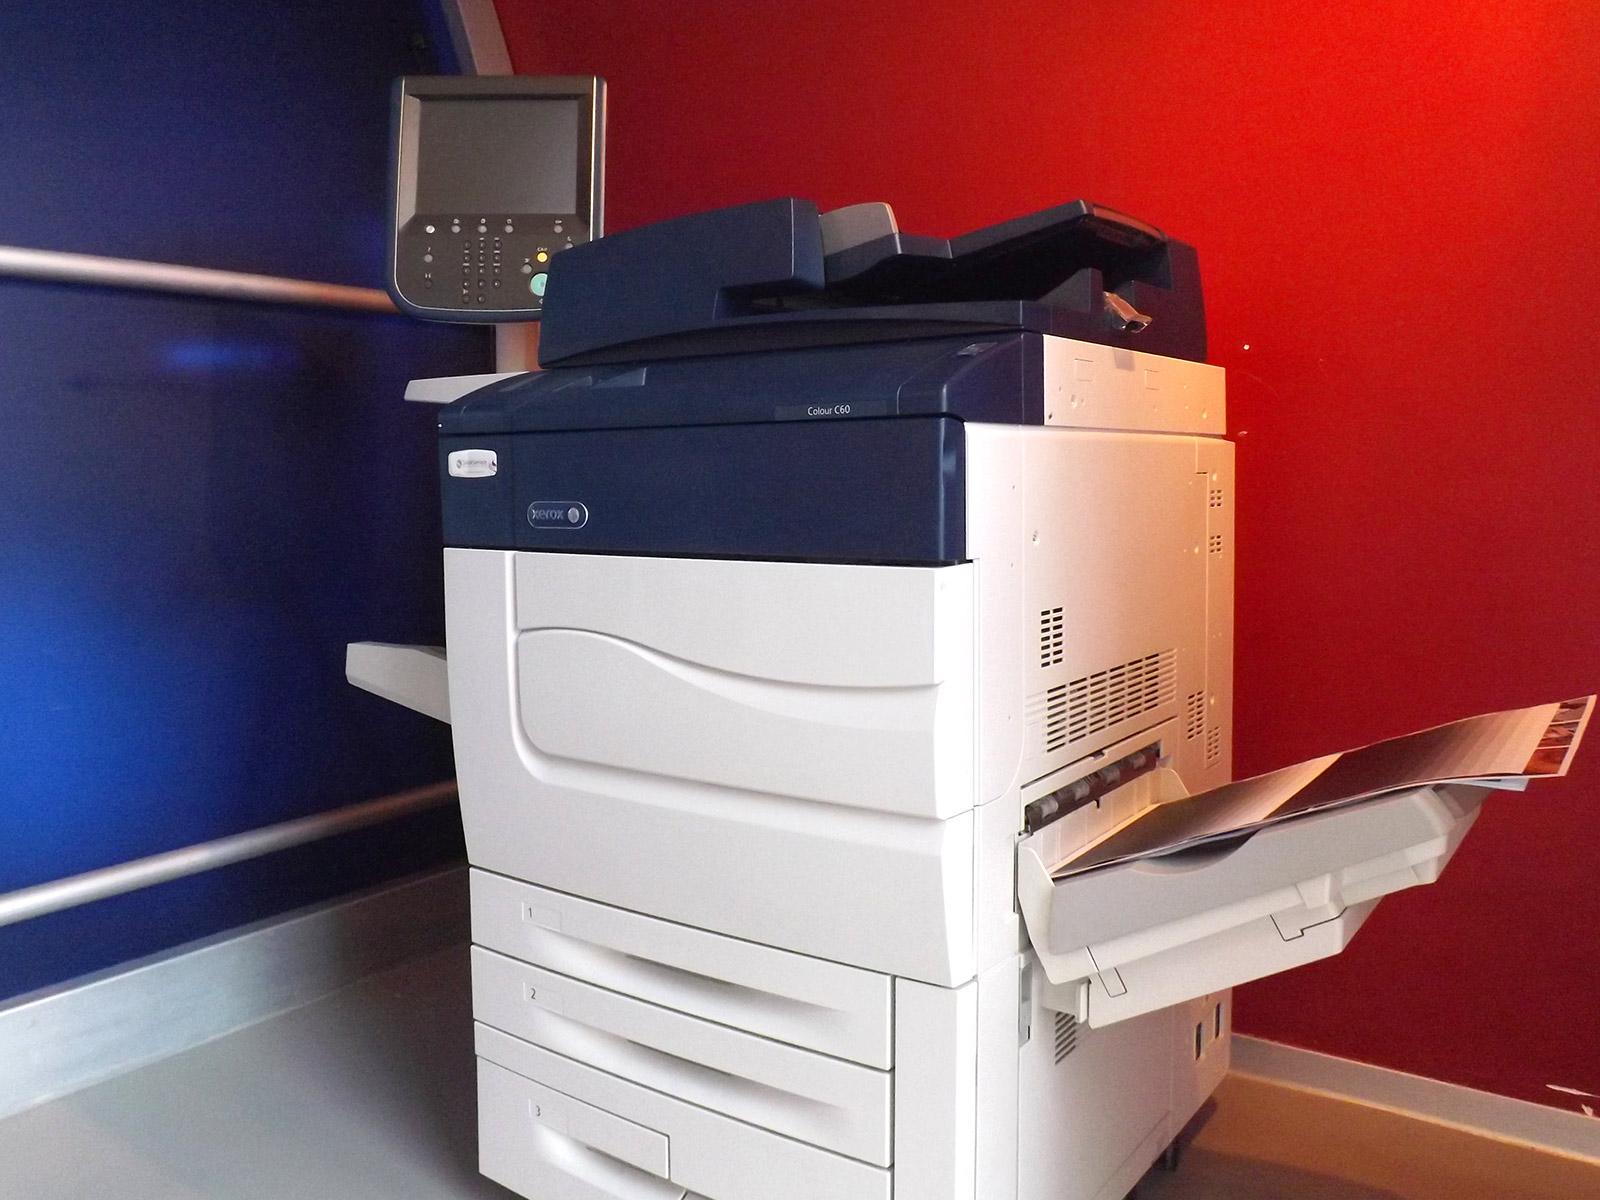 Xerox Colour C60 VA - Usato garantito Xerox - Lato